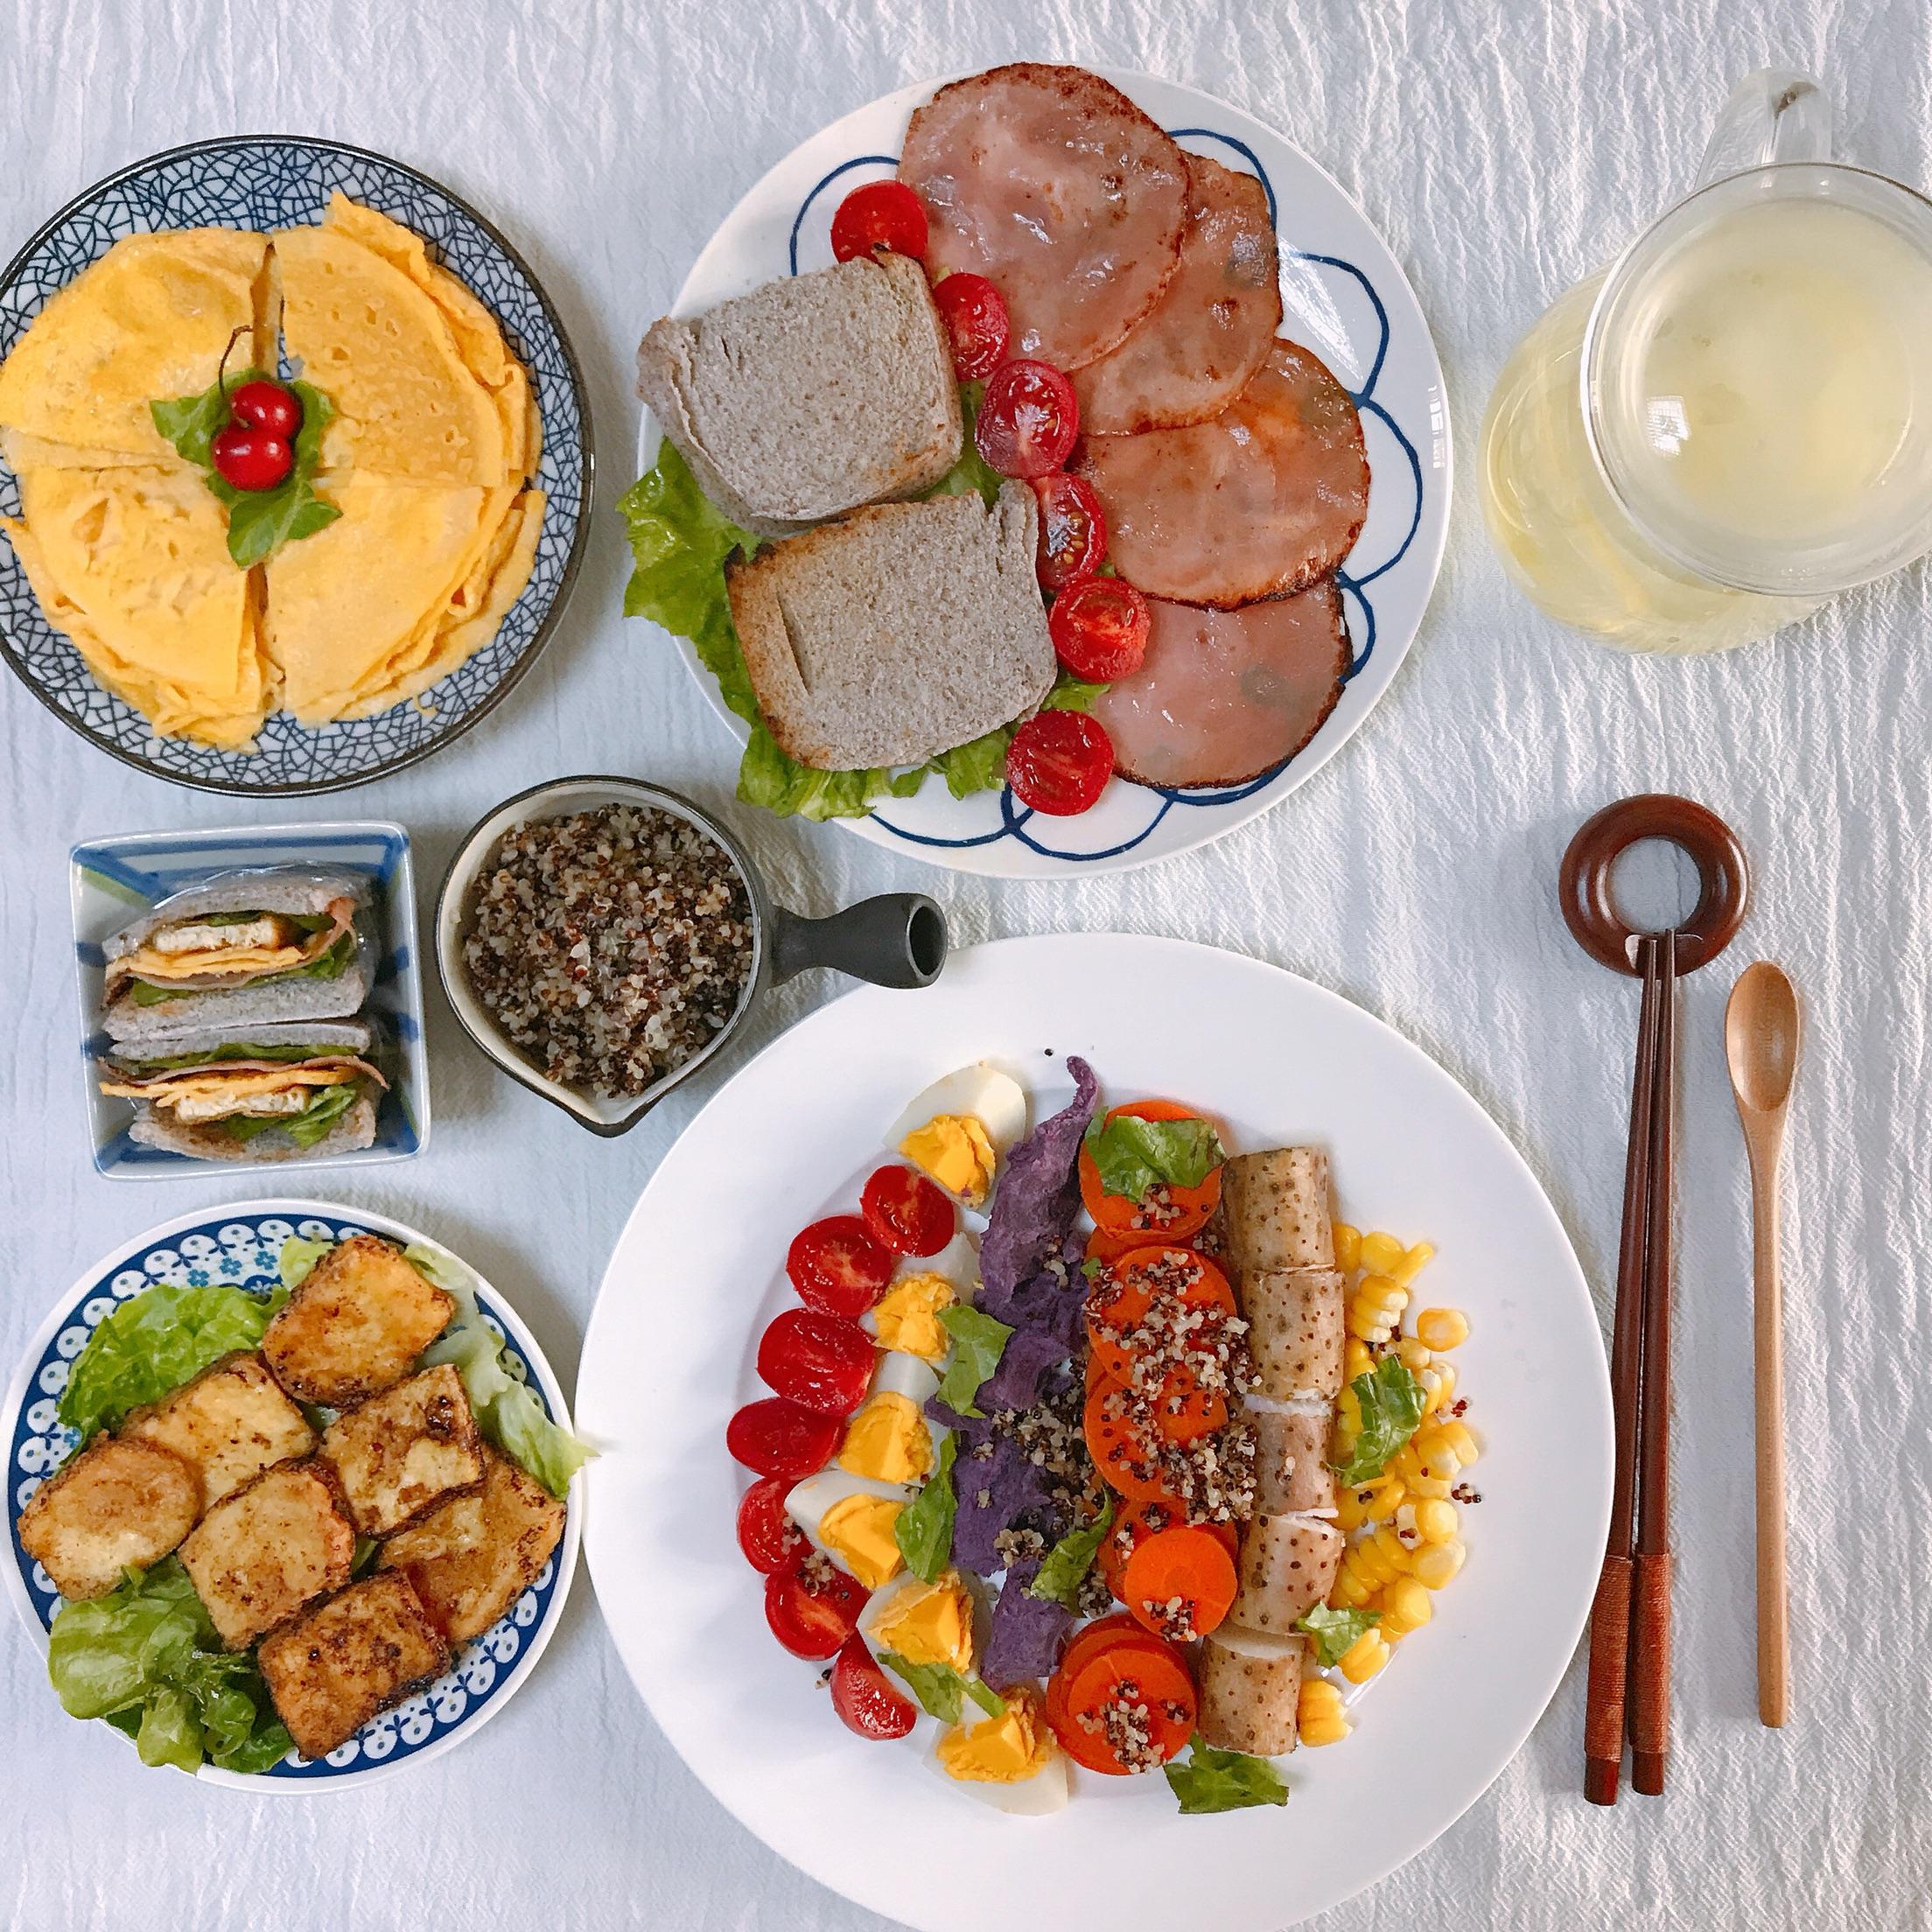 健康绿色早餐的做法_【图解】健康绿色早餐怎么做如何